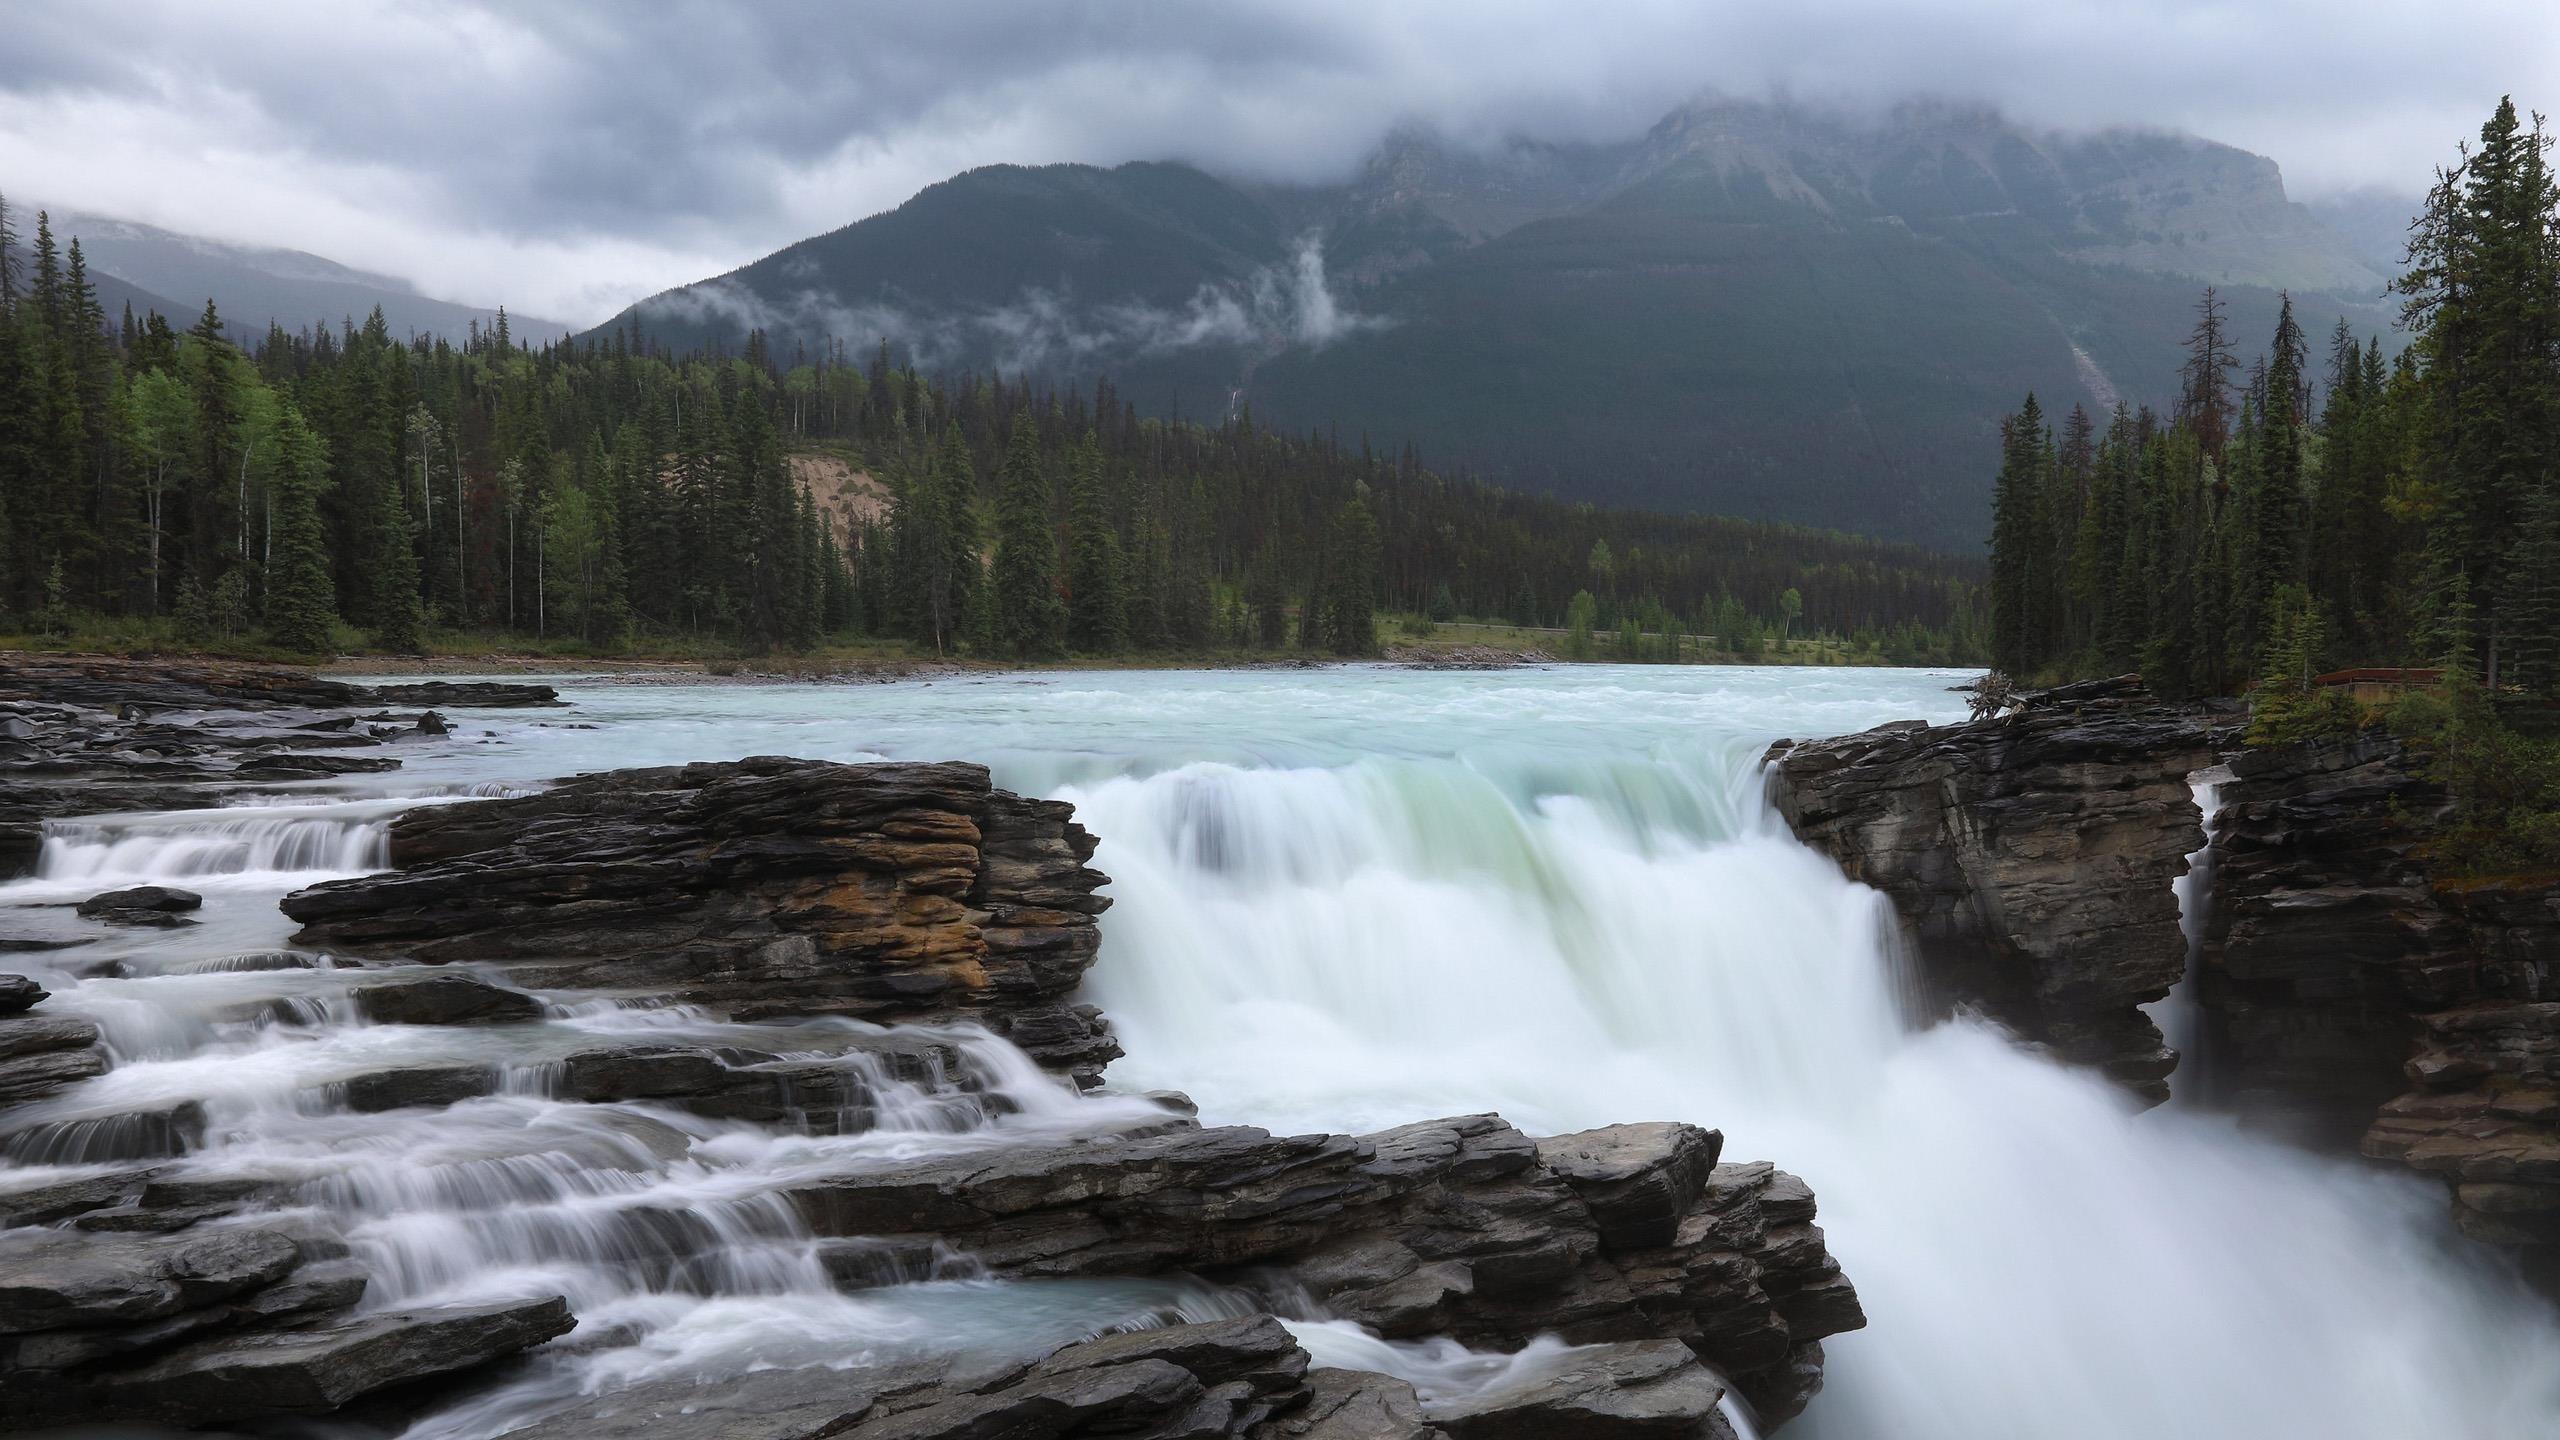 Водопад река с пейзажем Туманных гор в Альберте Атабаска Канада Национальный парк Джаспер природа обои скачать